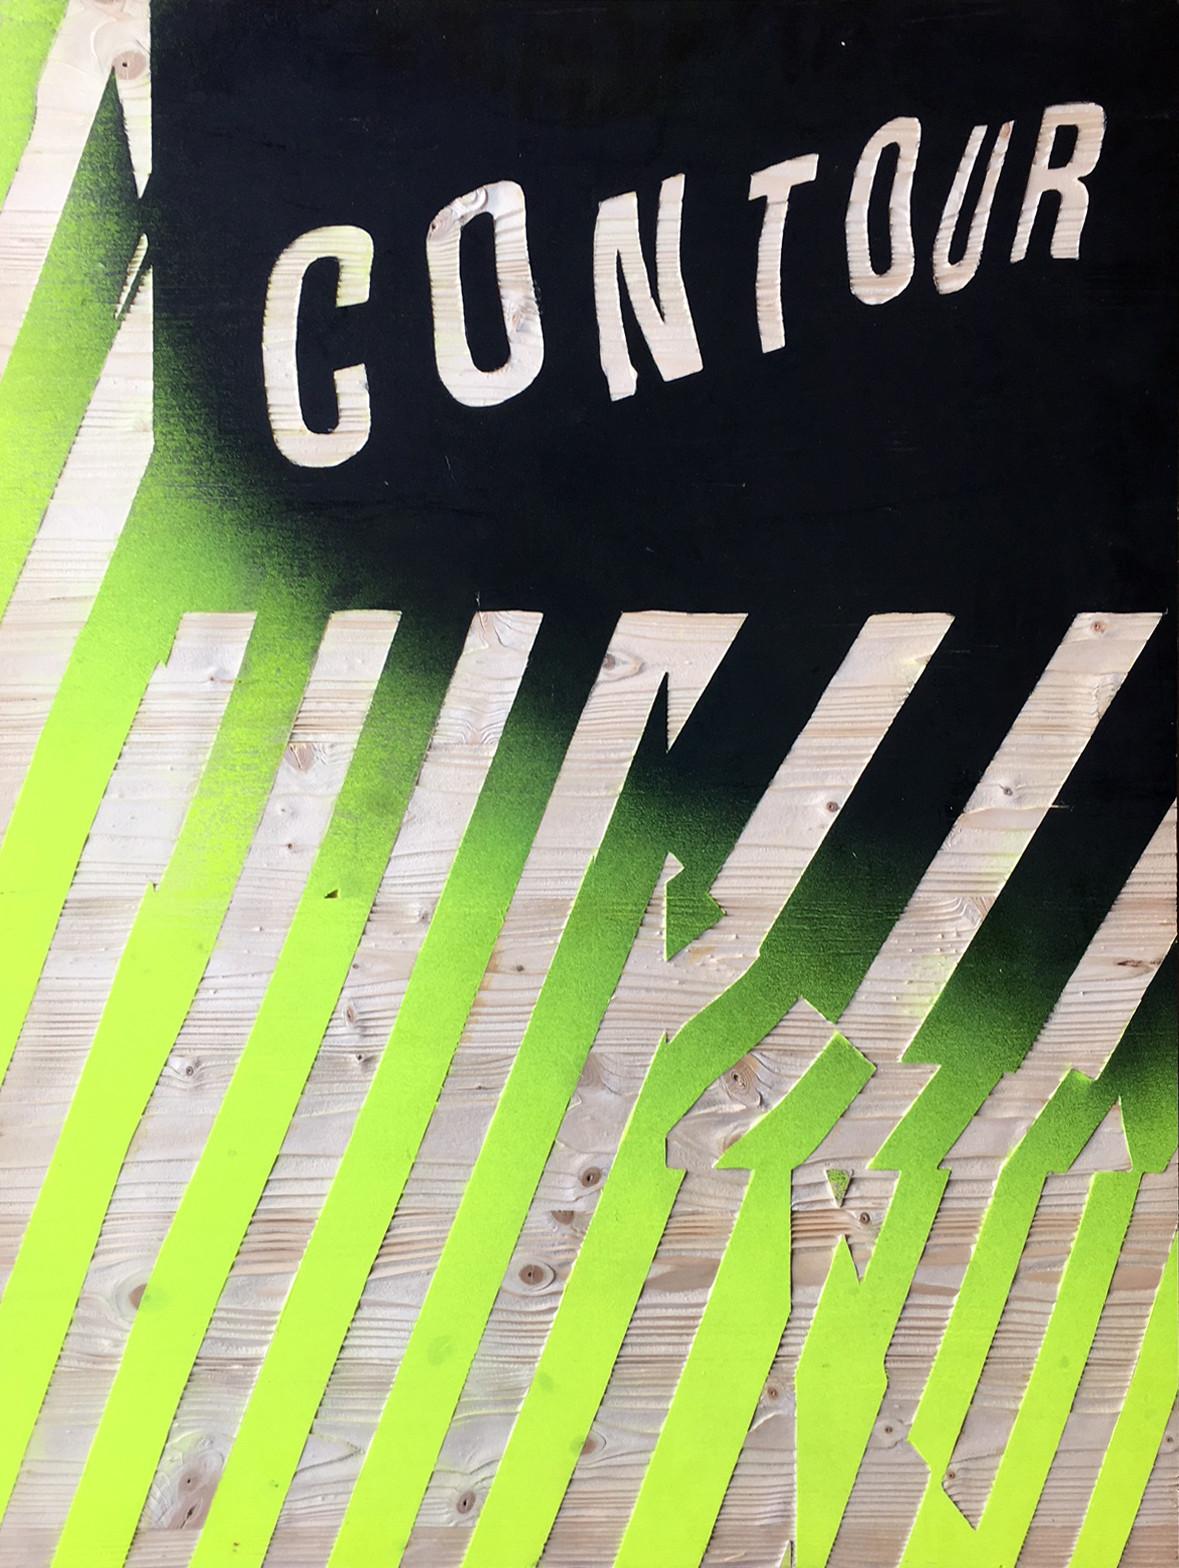 Kai Linke: BLASTED-Contour (in Kooperation mit Pixelgarten), 2011,  Holz mit Lack, gesandstrahlt, 100 x 75 x 1,9 cm